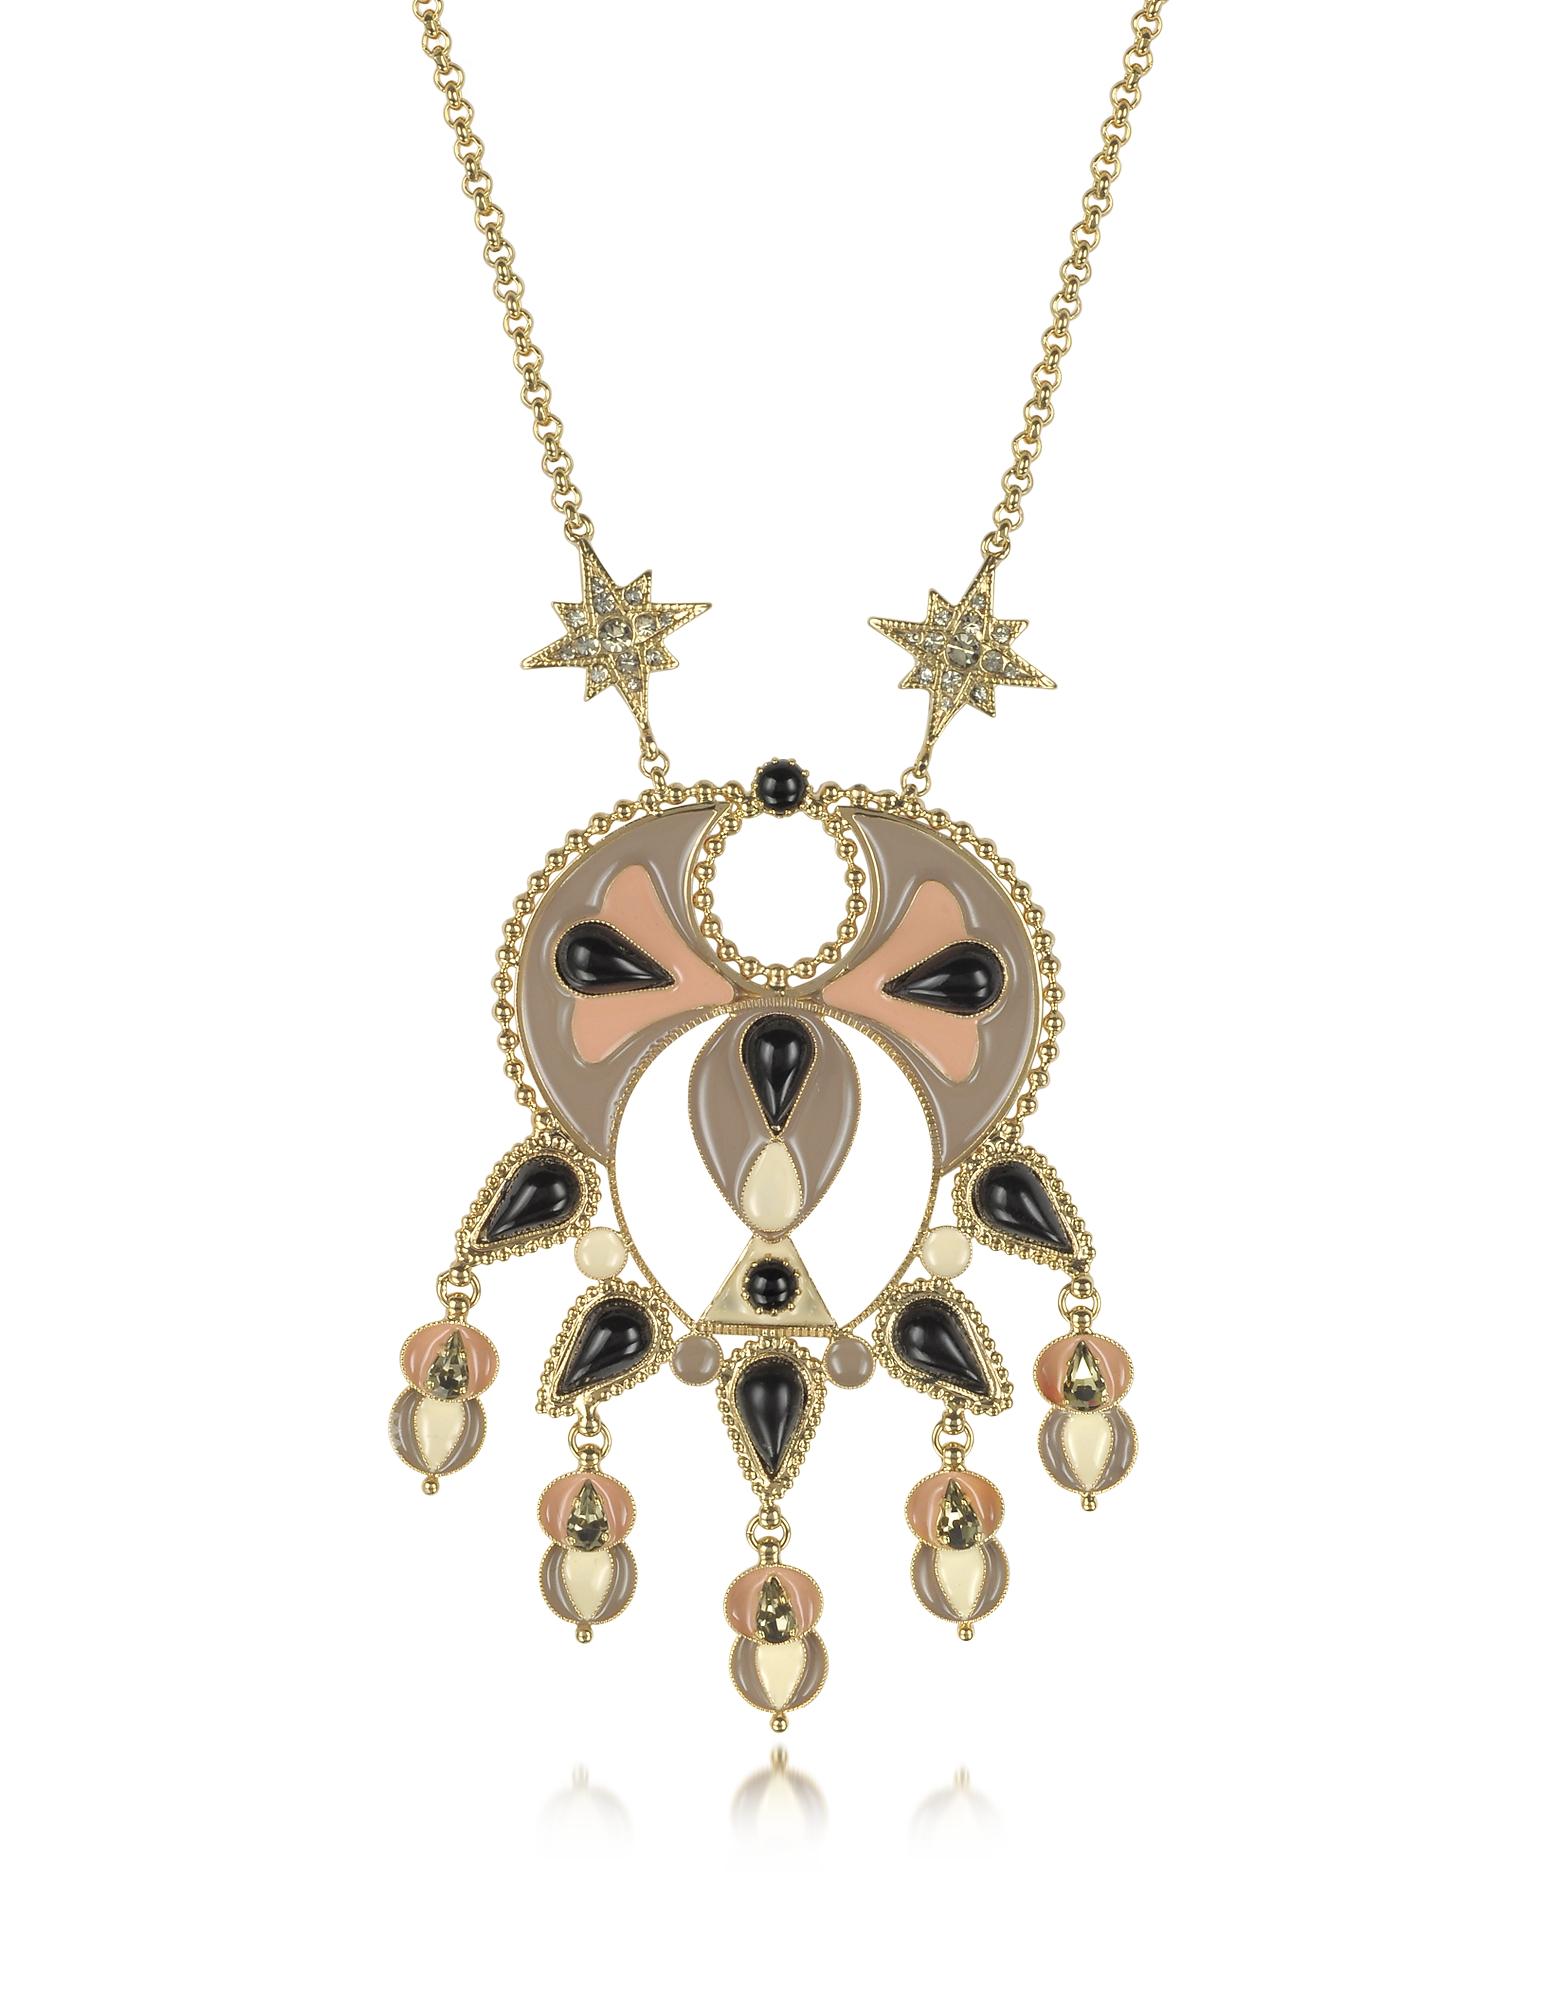 Roberto Cavalli Necklaces, Gold-tone and Enamel w/Multicolor Crystals Long Necklace